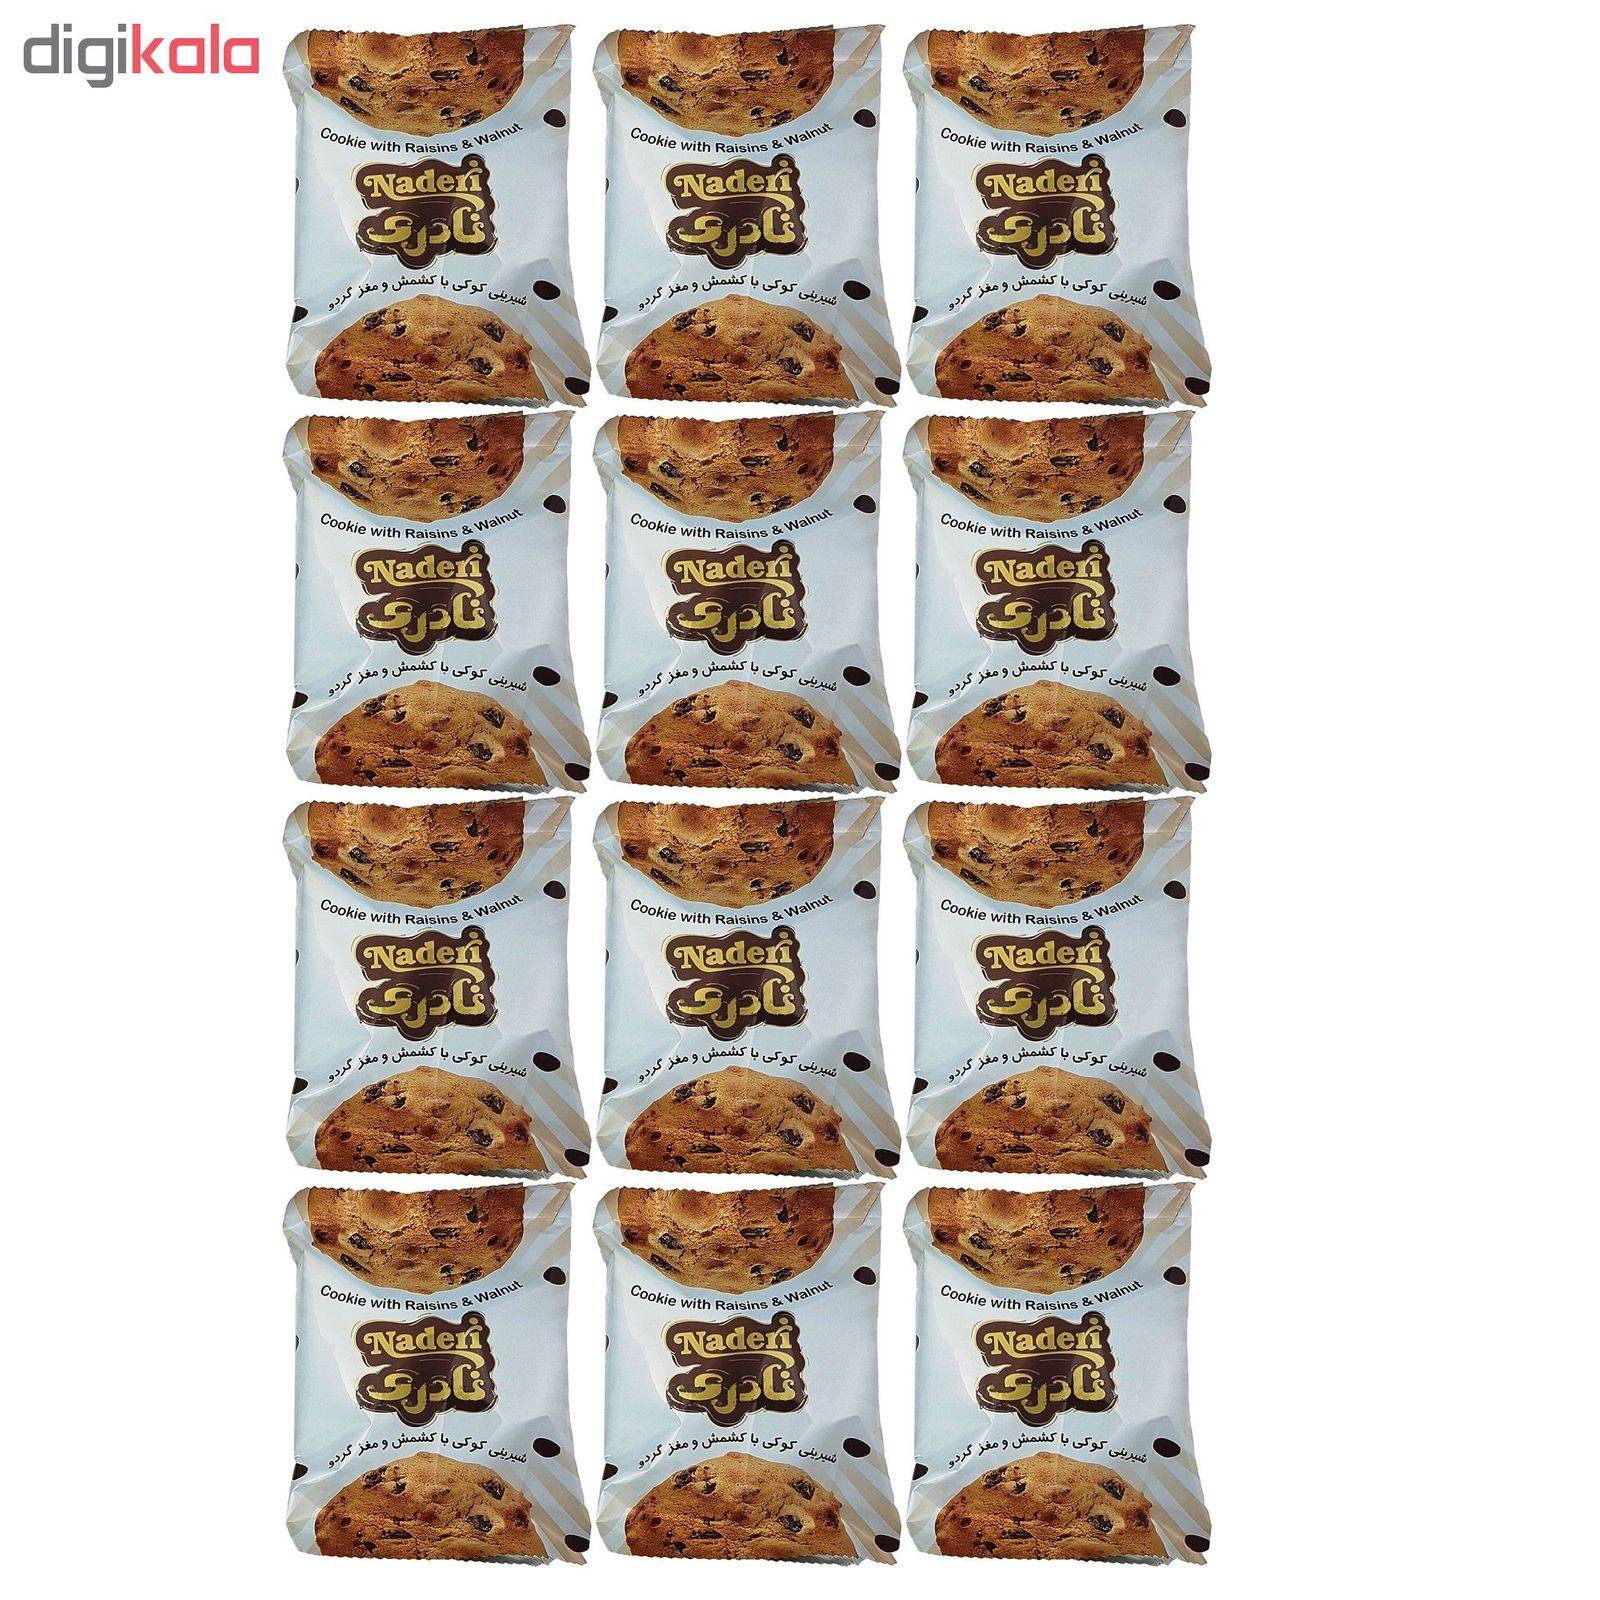 شیرینی کوکی با کشمش و مغز گردو نادری مقدار 40 گرم بسته 12 عددی main 1 2